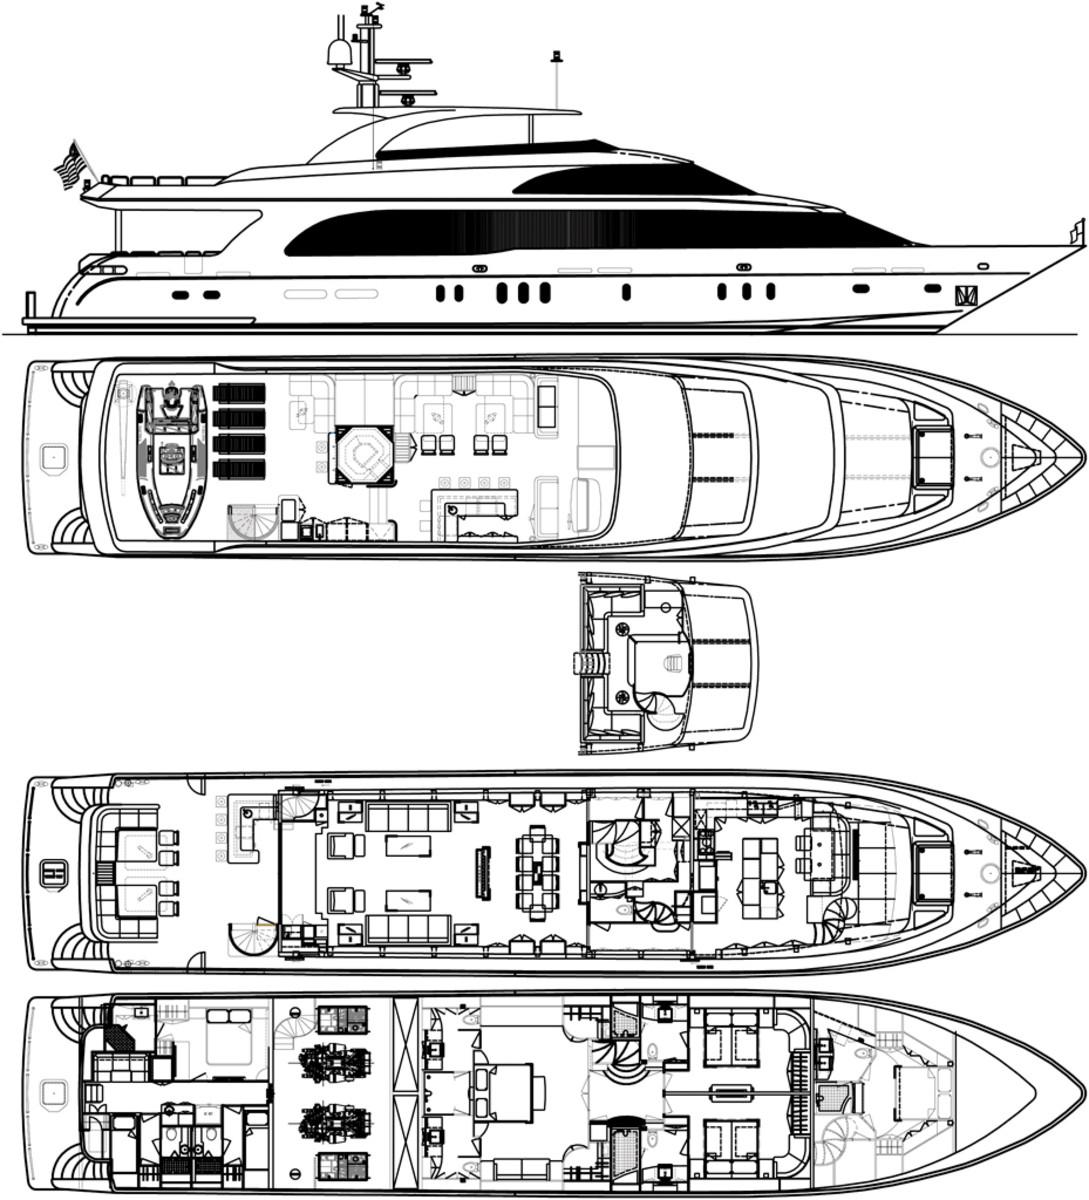 Hargrave 125 deck plans